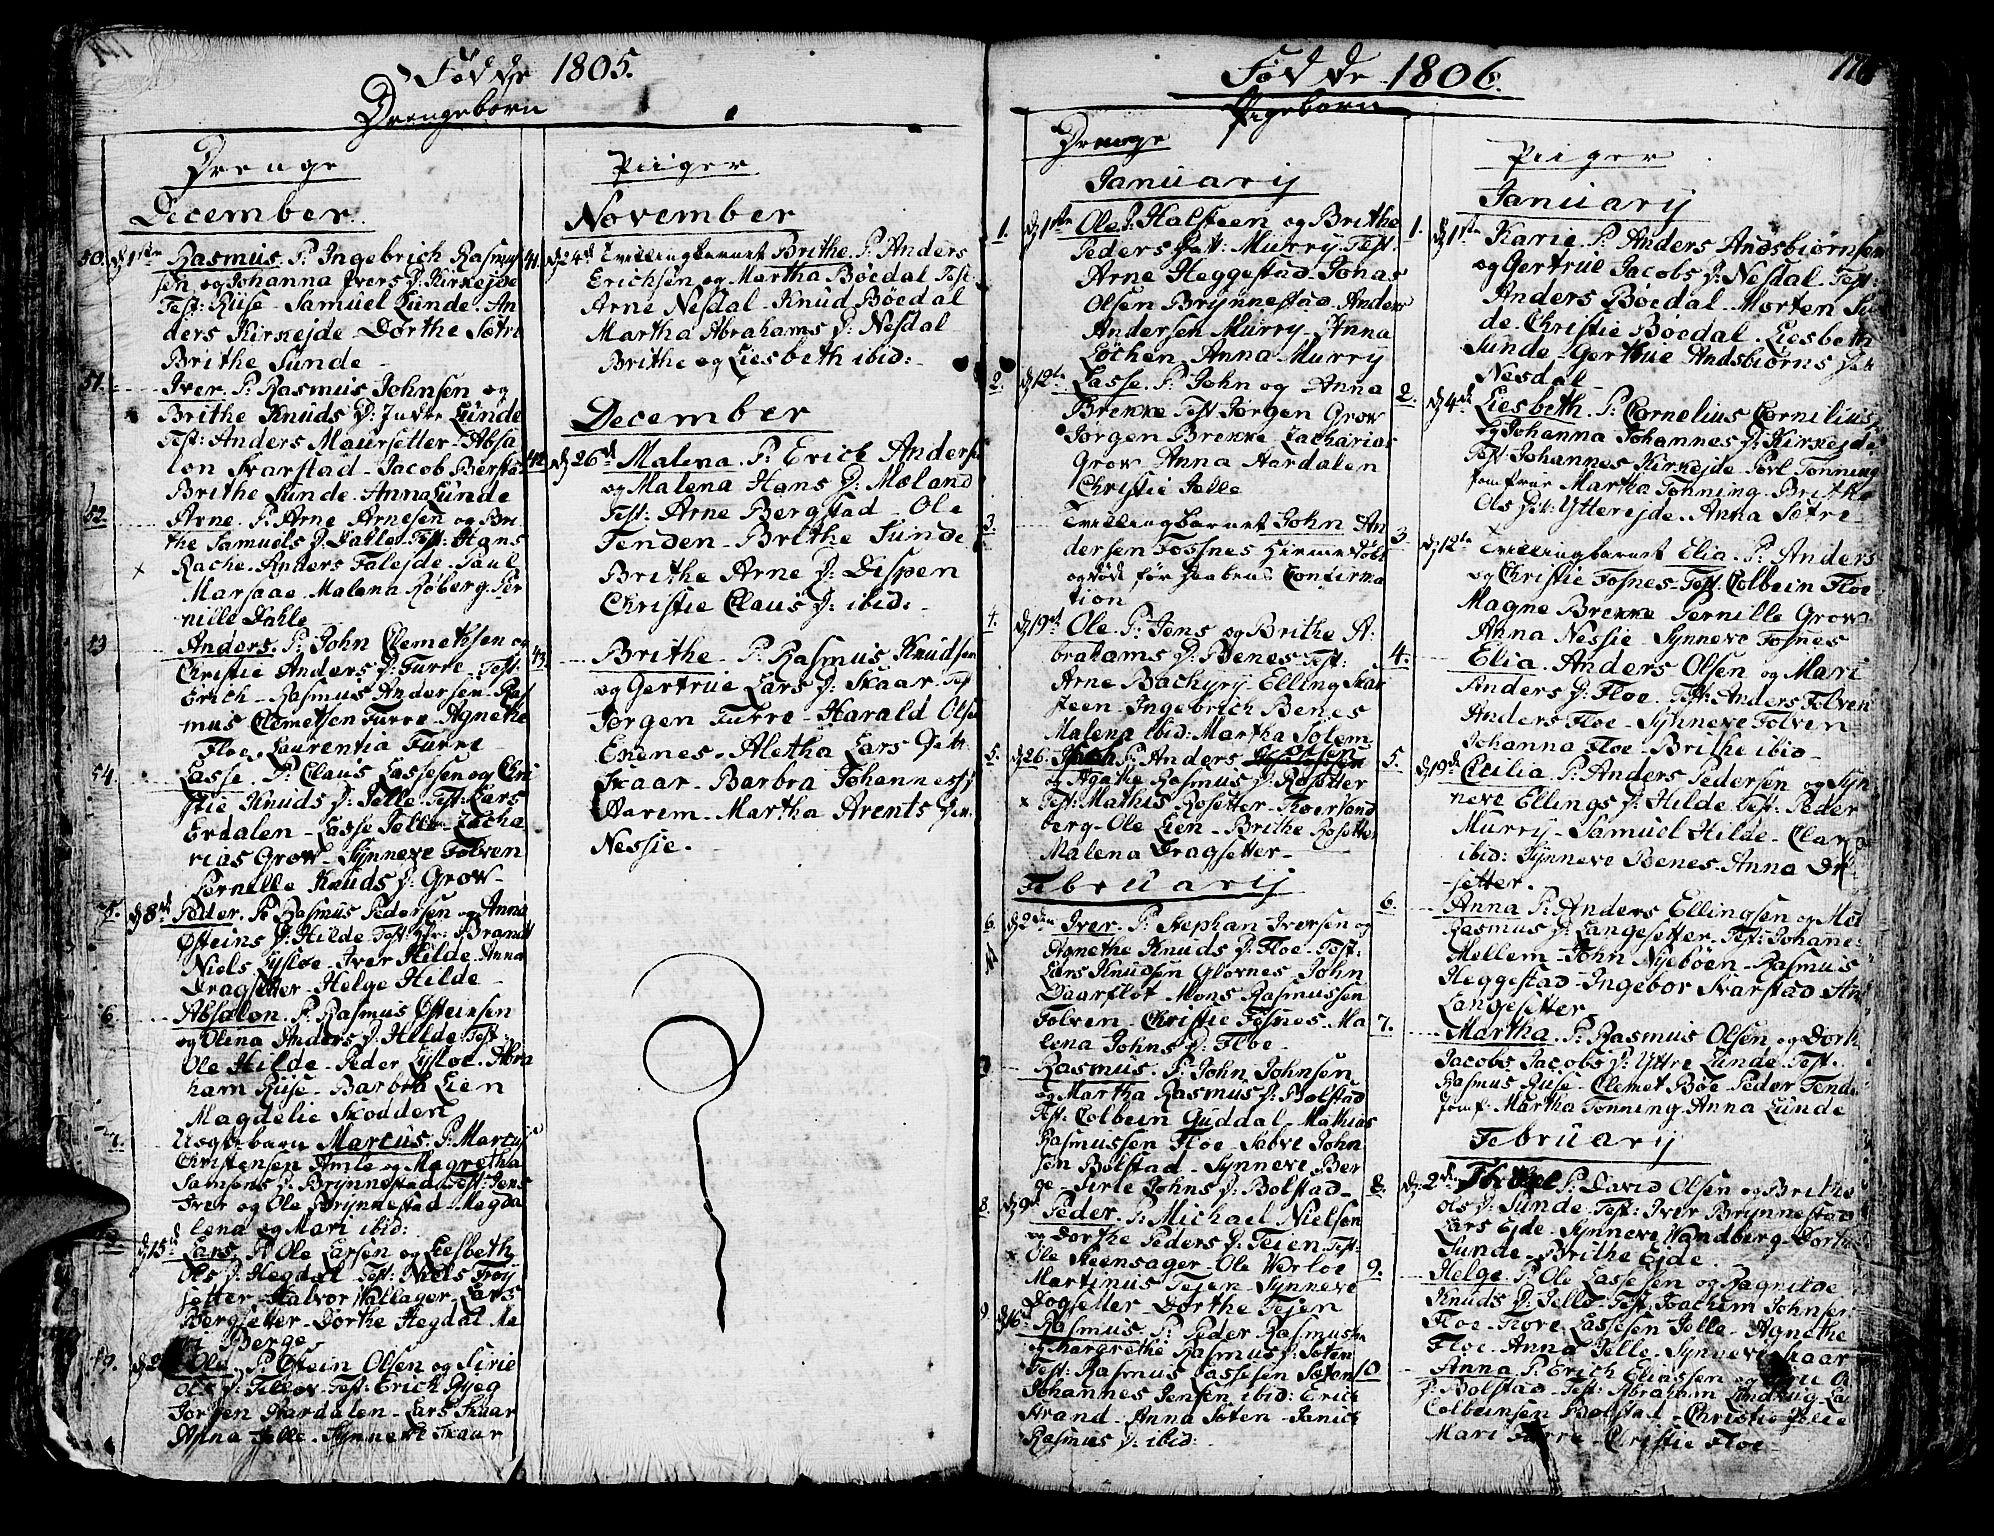 SAB, Innvik sokneprestembete, Ministerialbok nr. A 1, 1750-1816, s. 175